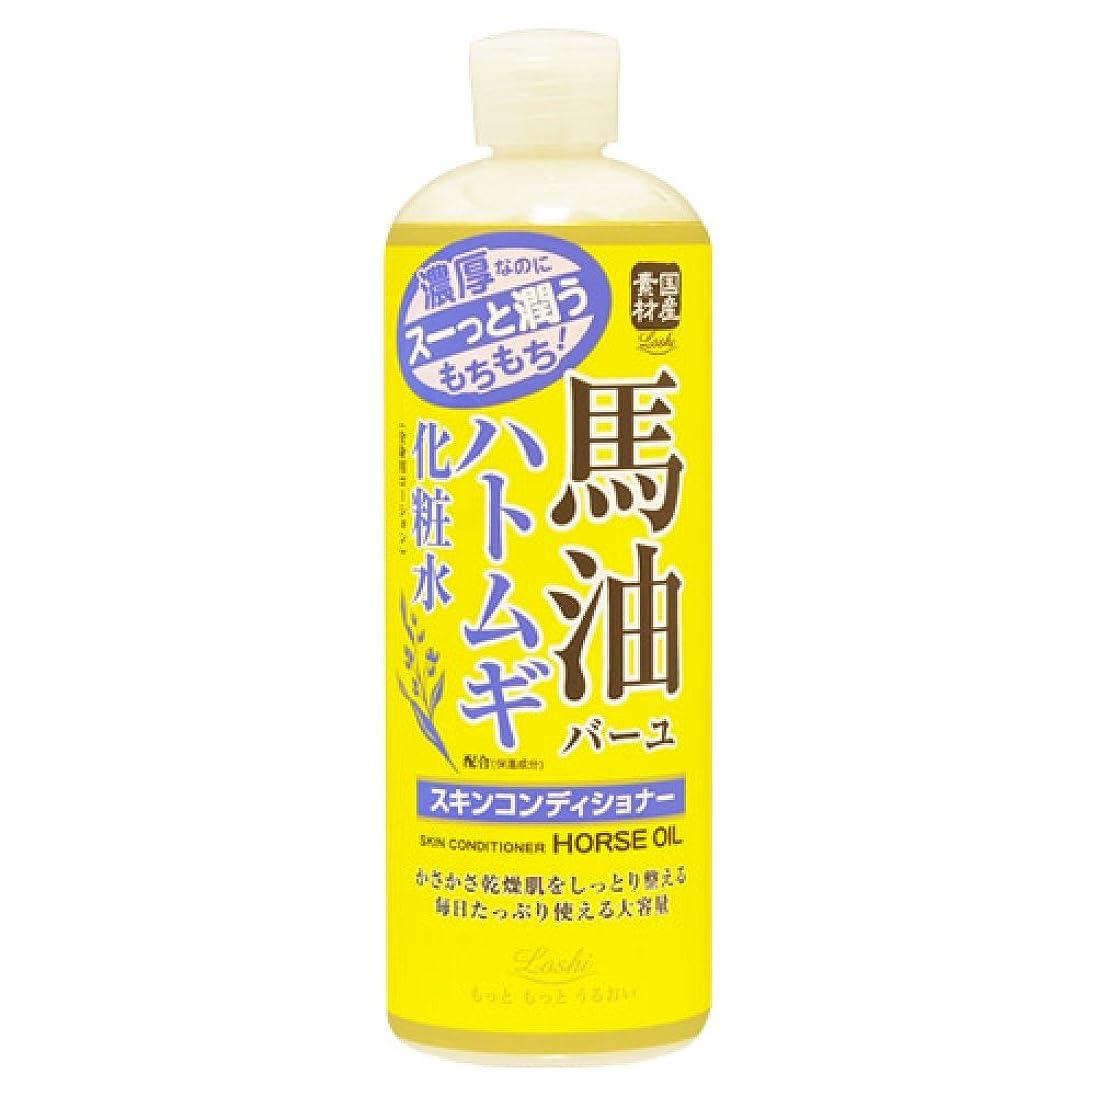 光景連帯九月ロッシモイストエイド スキンコンディショナー 馬油&ハトムギ 500ml (化粧水 ローション 高保湿)